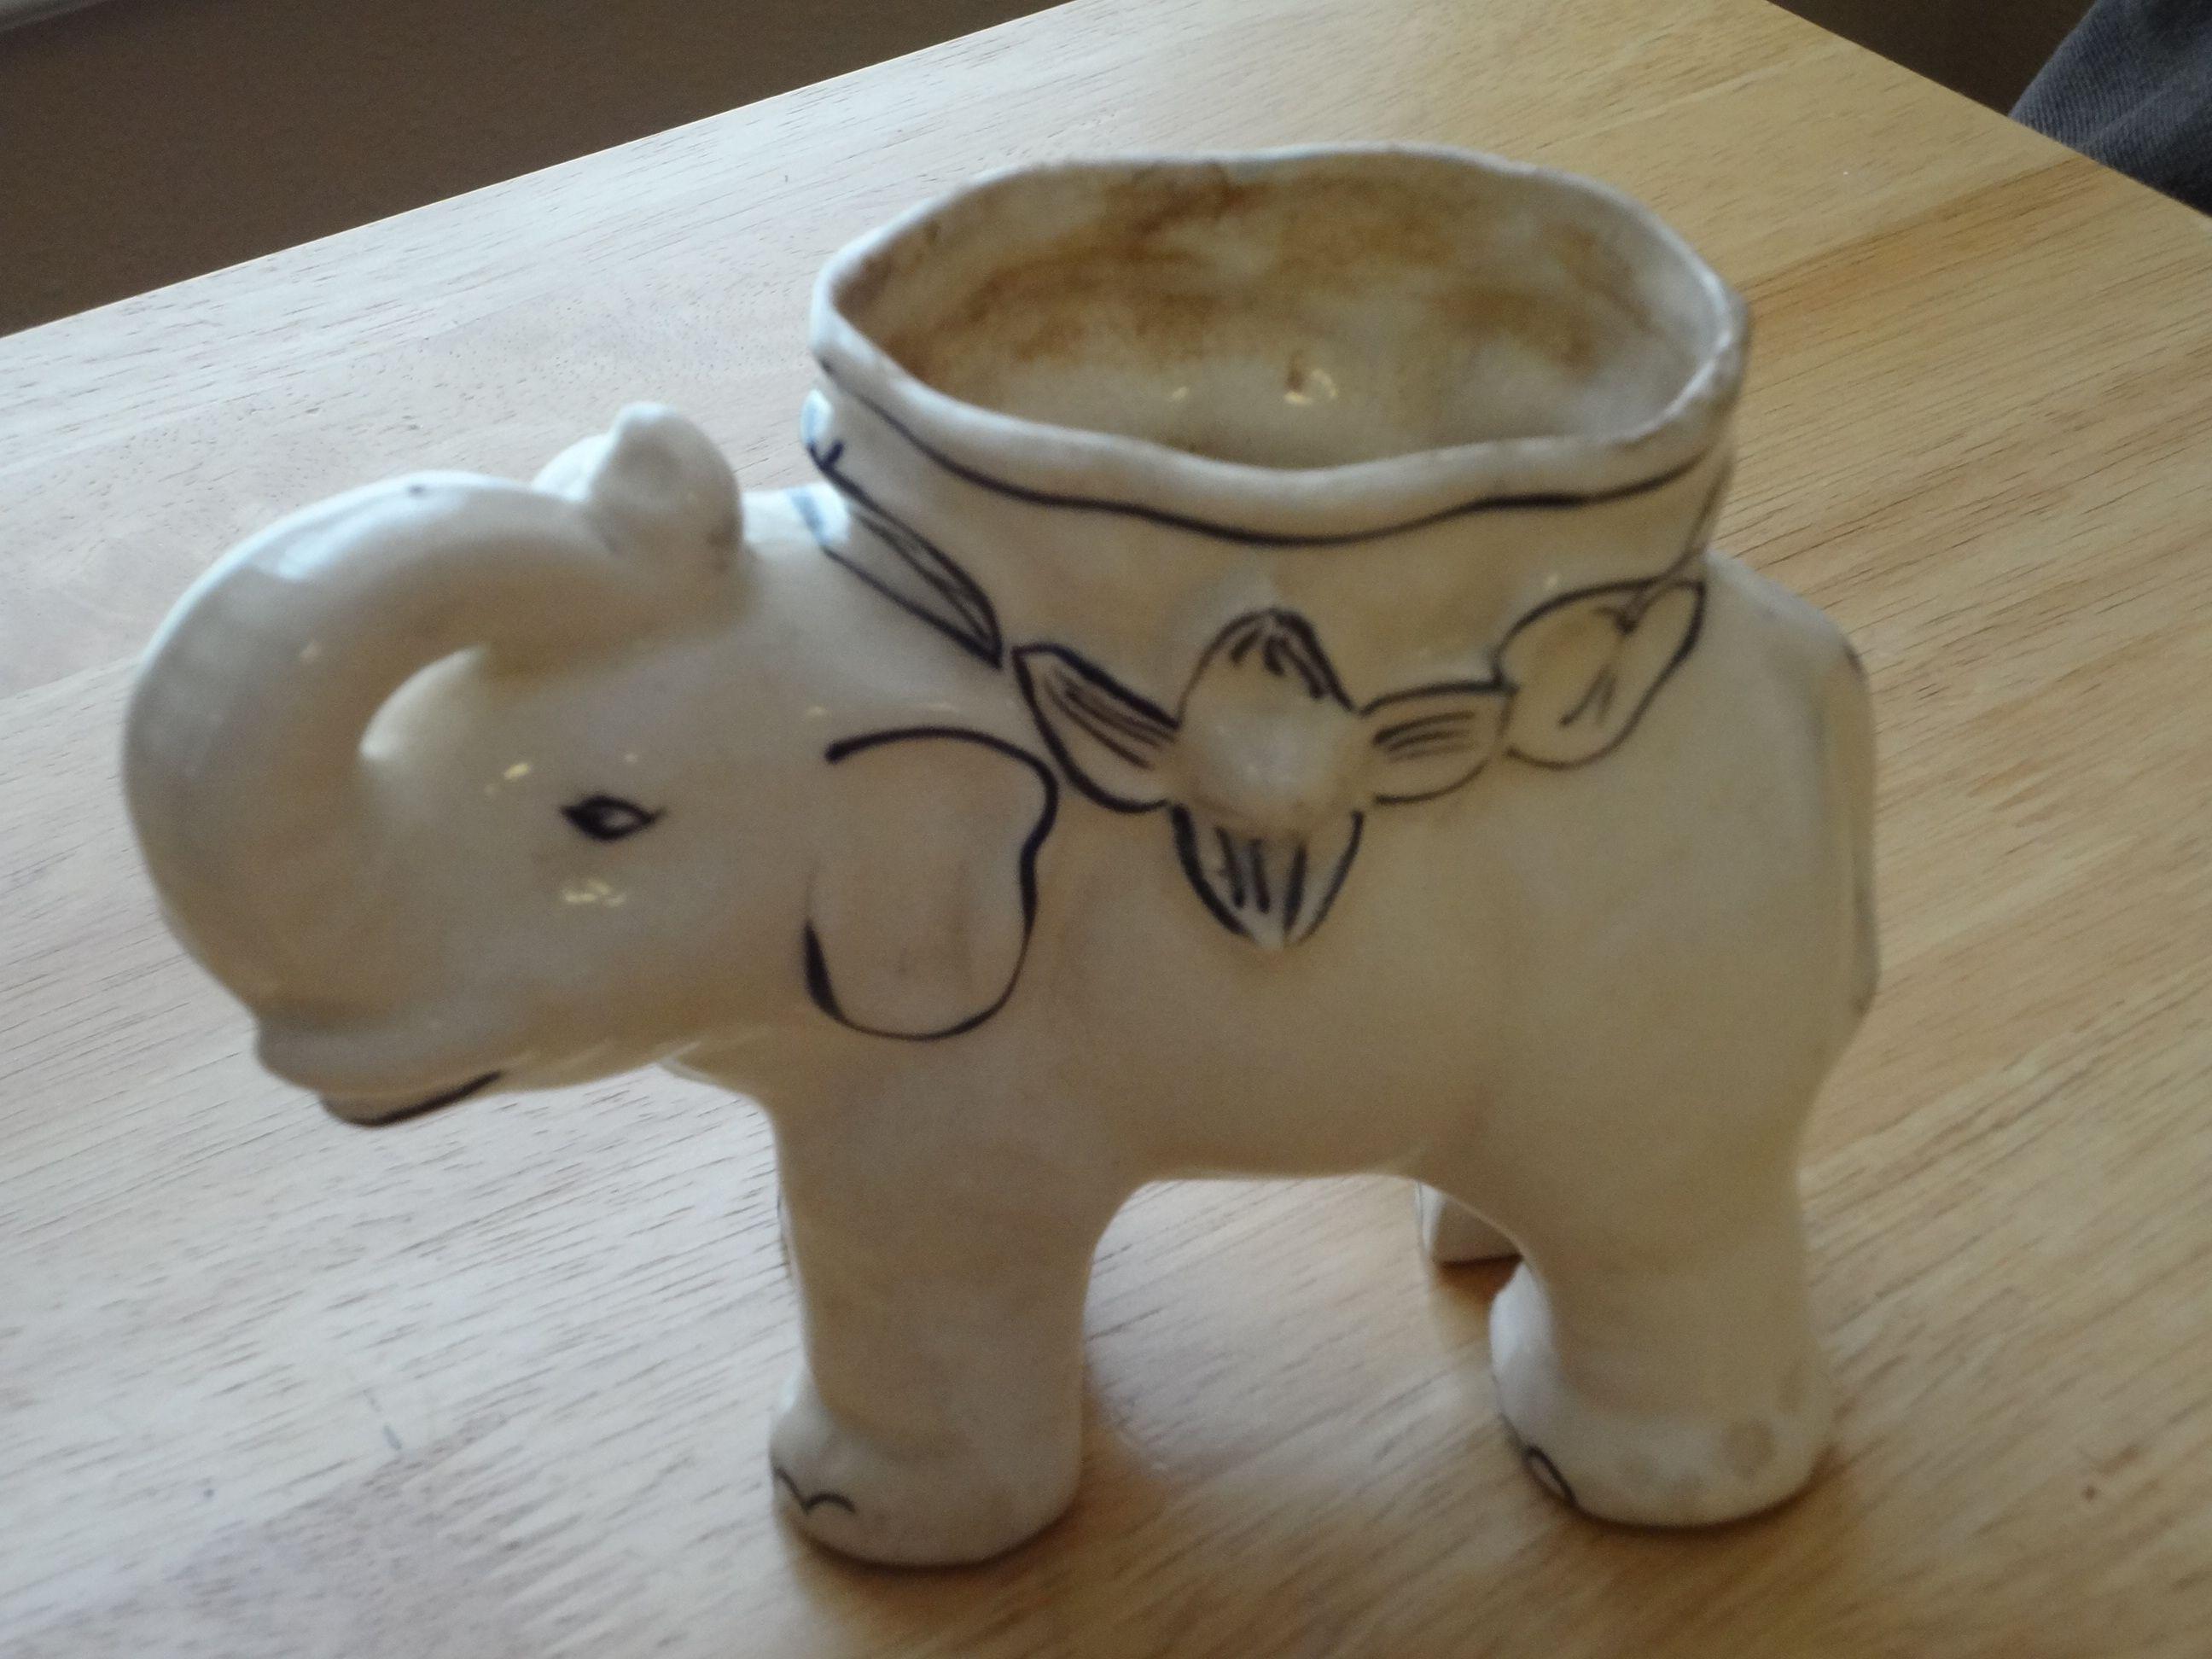 Ceramic Boxes With Lids - Ceramic Angel Planter - Creative Ceramic ...